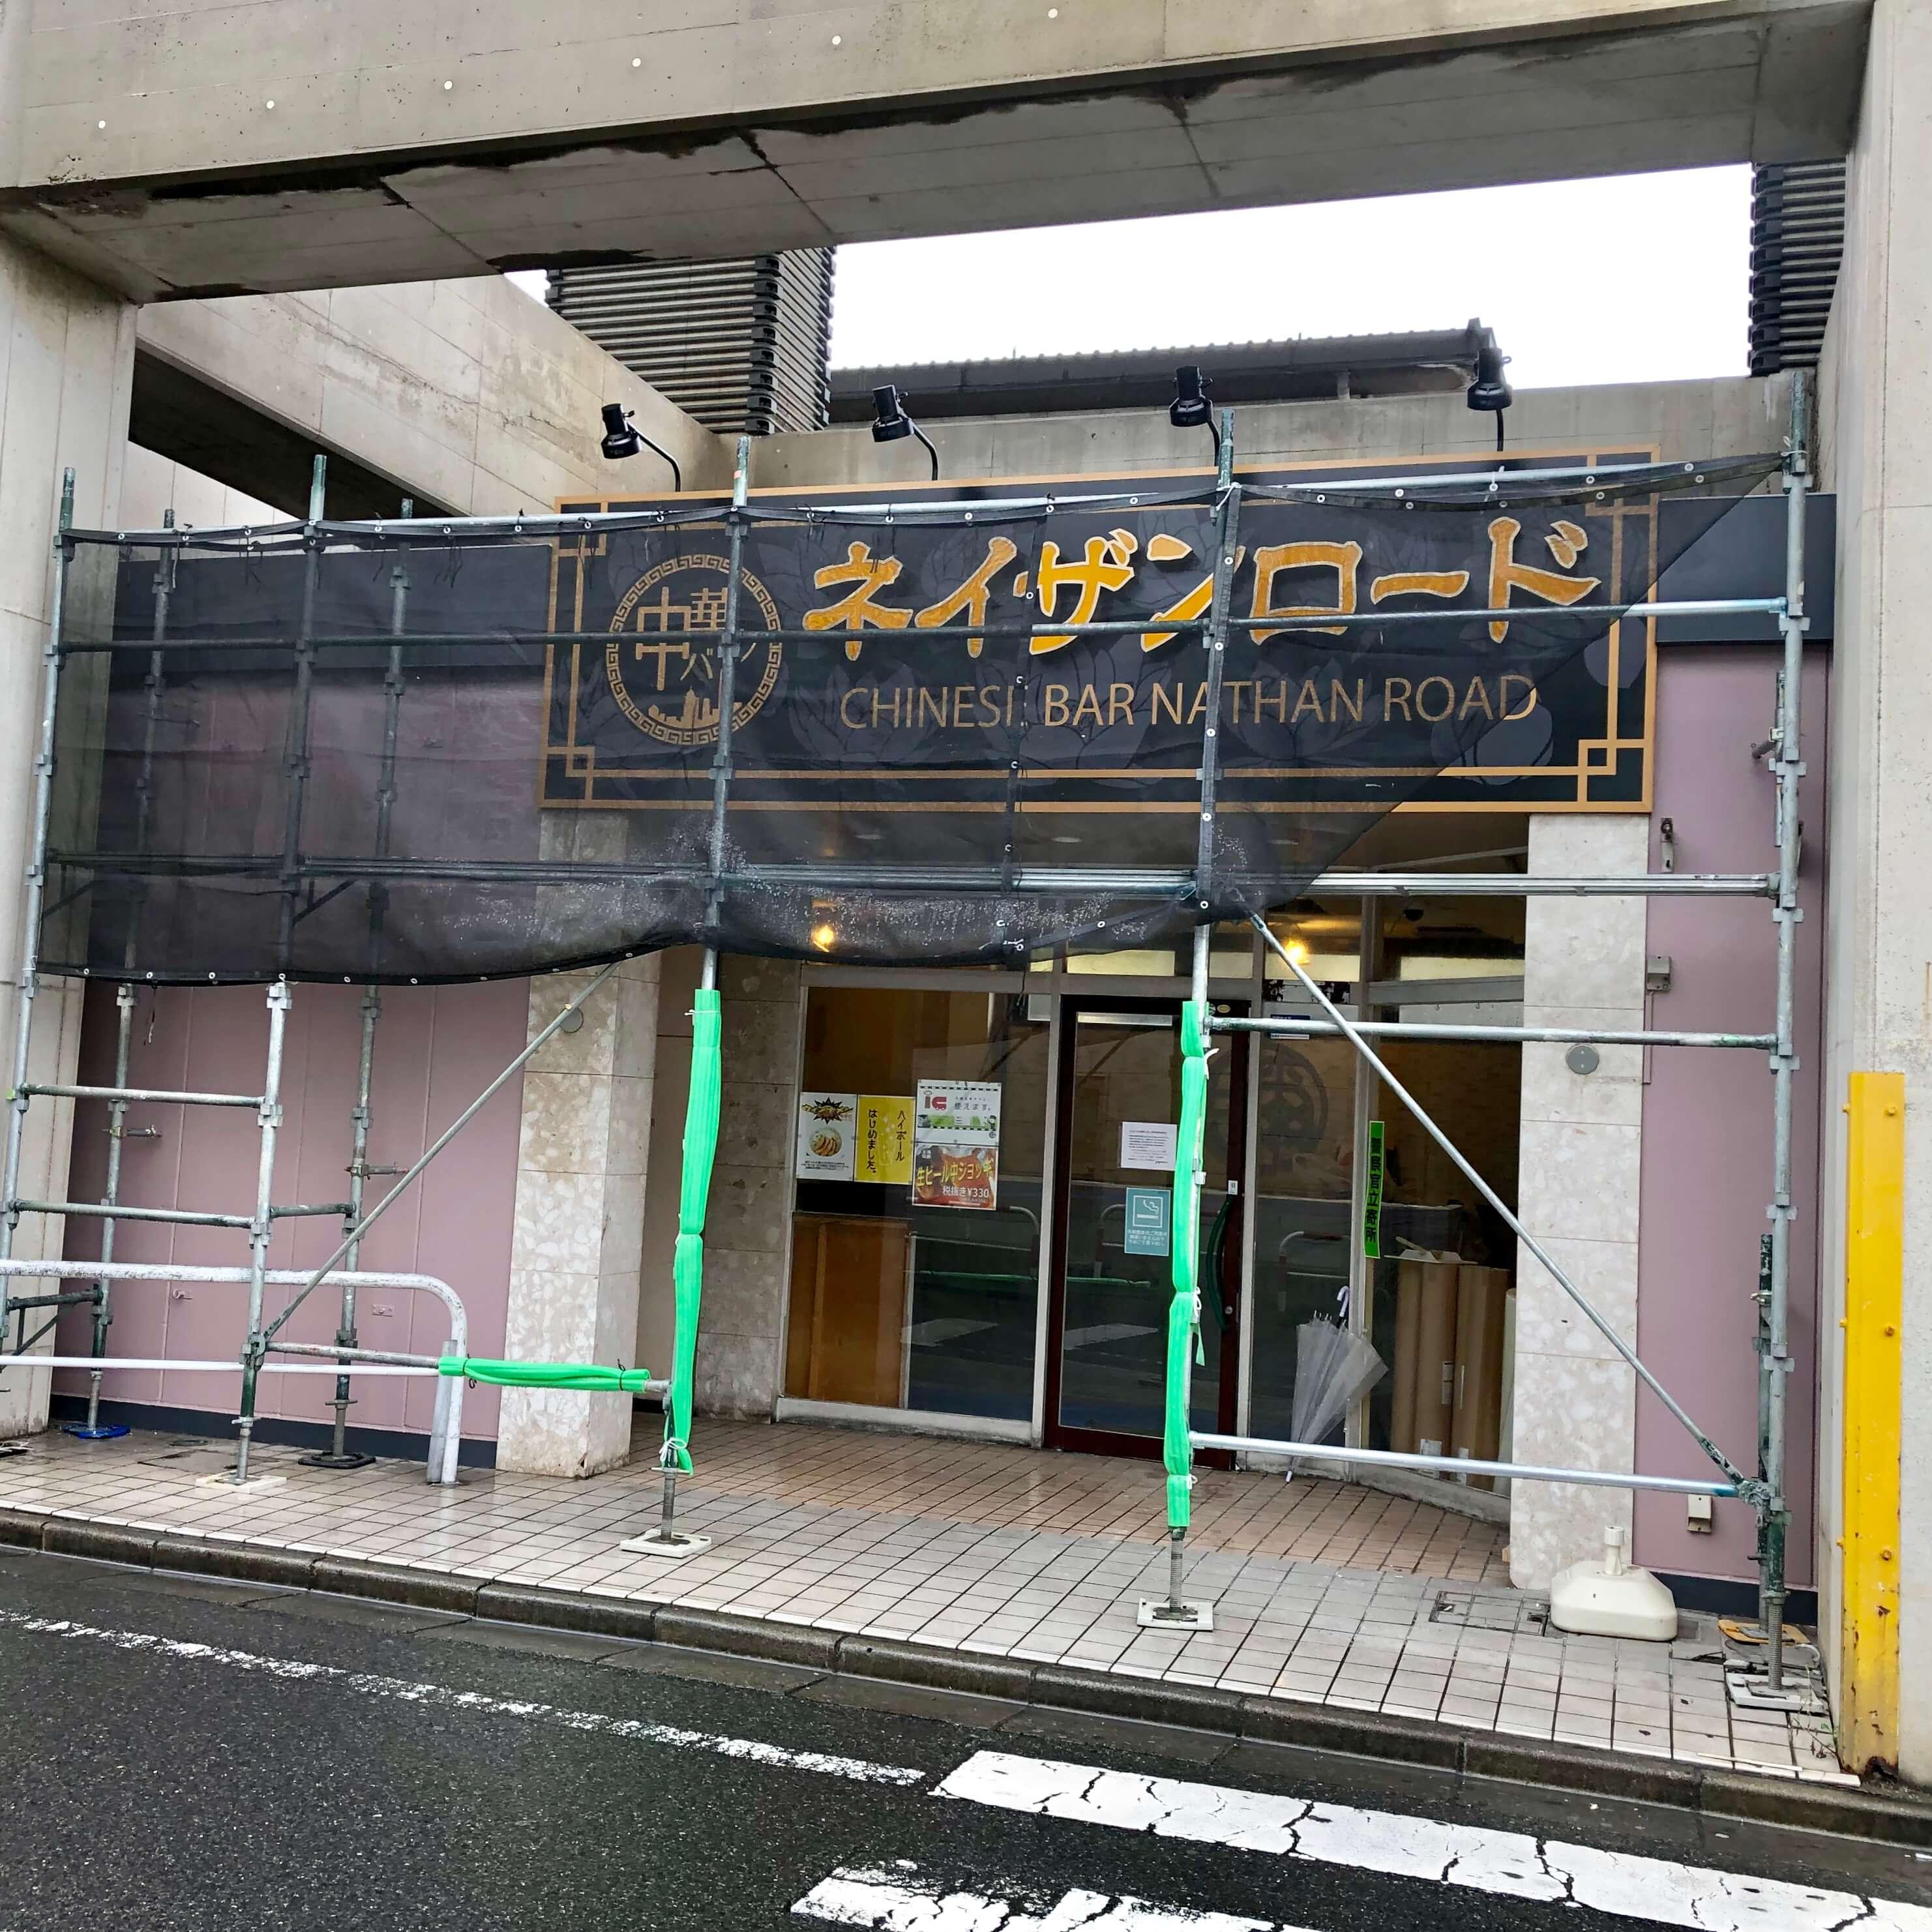 上海菜館が『香港式中華バル ネイザンロード 久喜駅店』になってオープン!